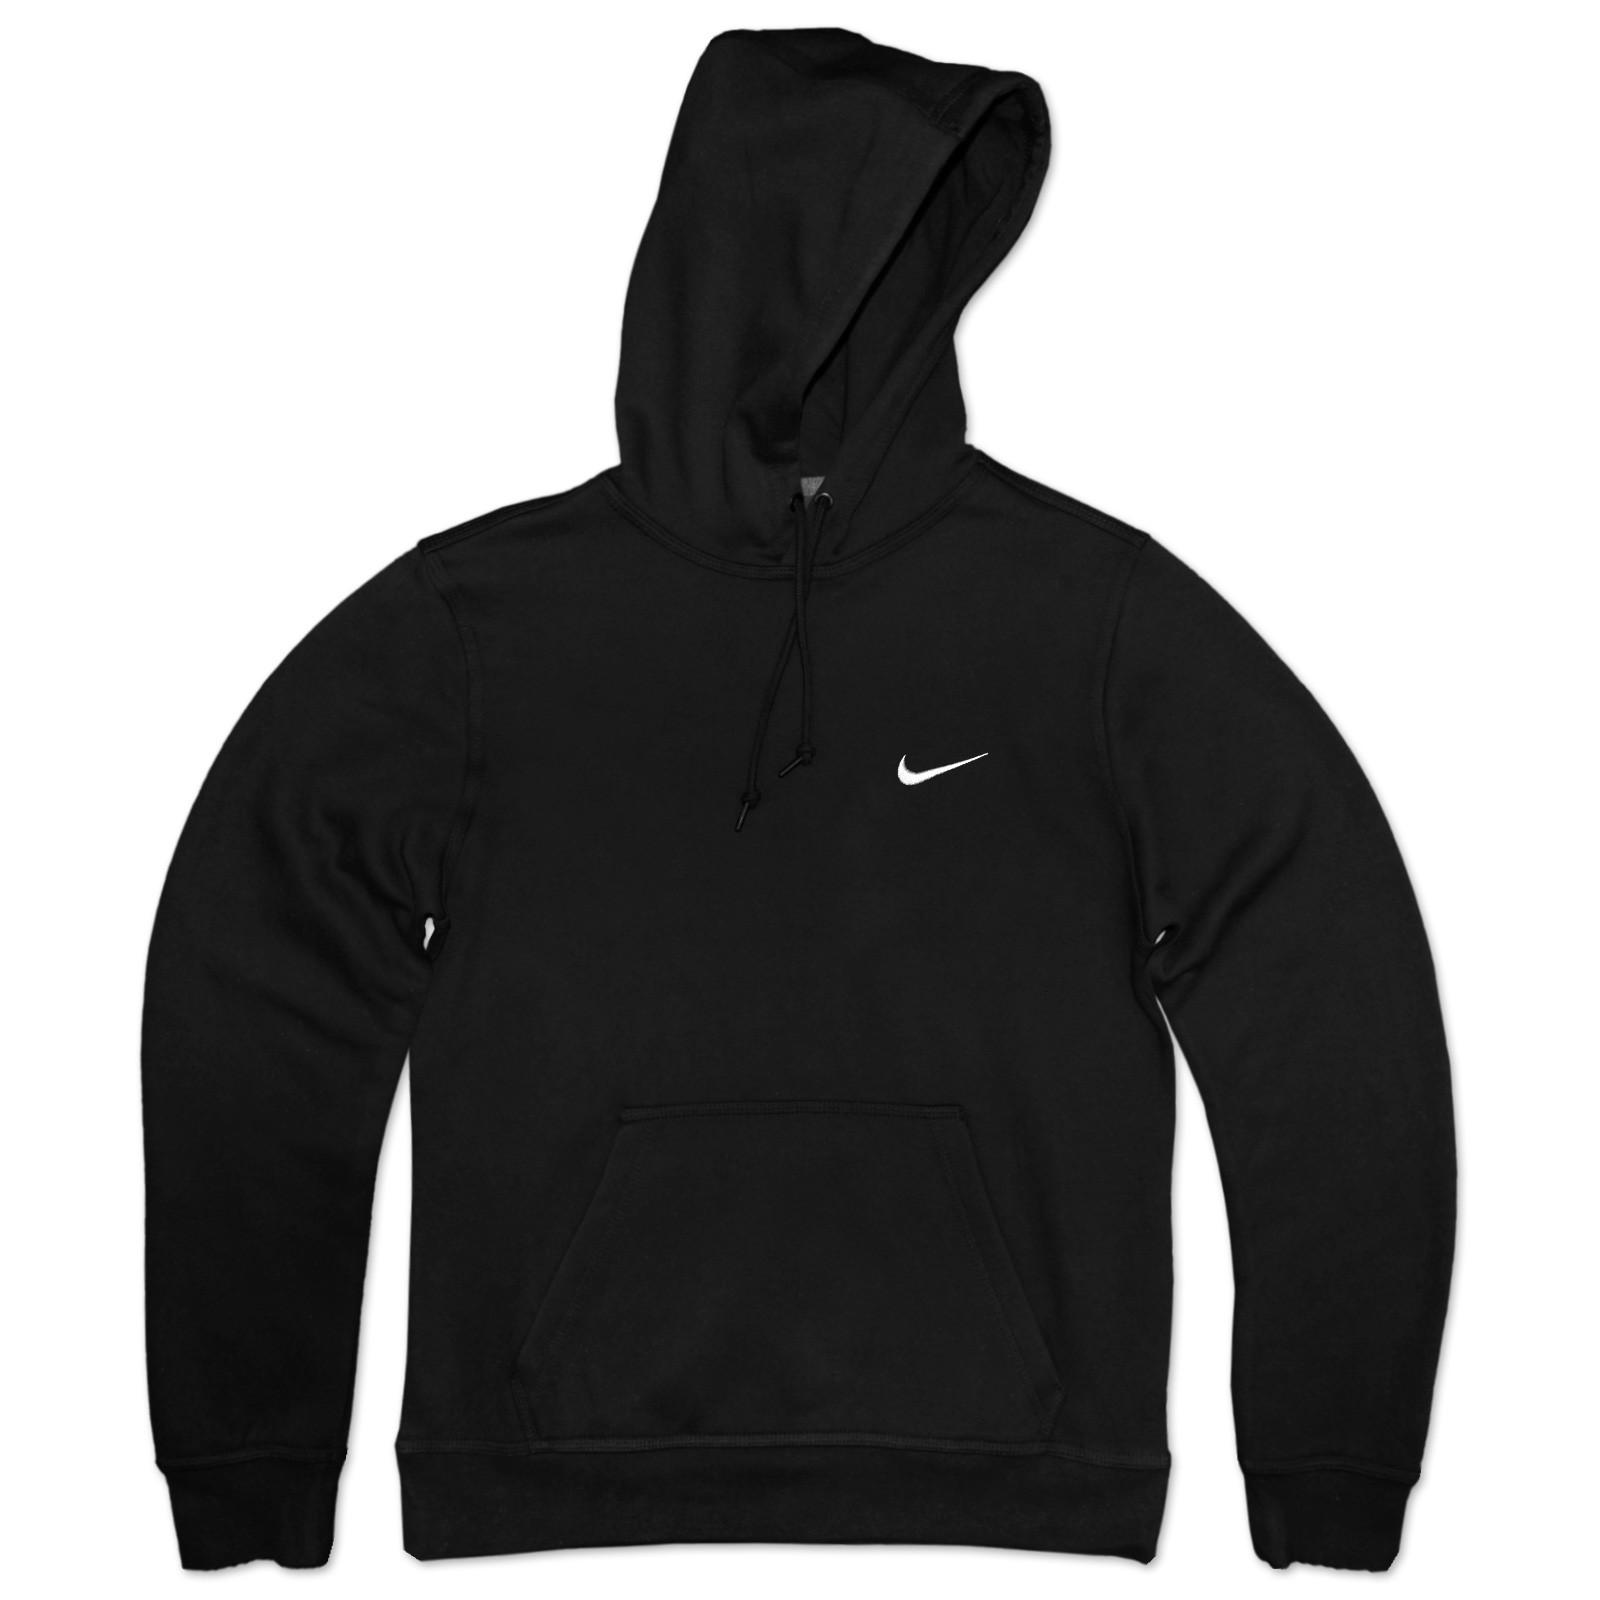 Black pullover hoodies